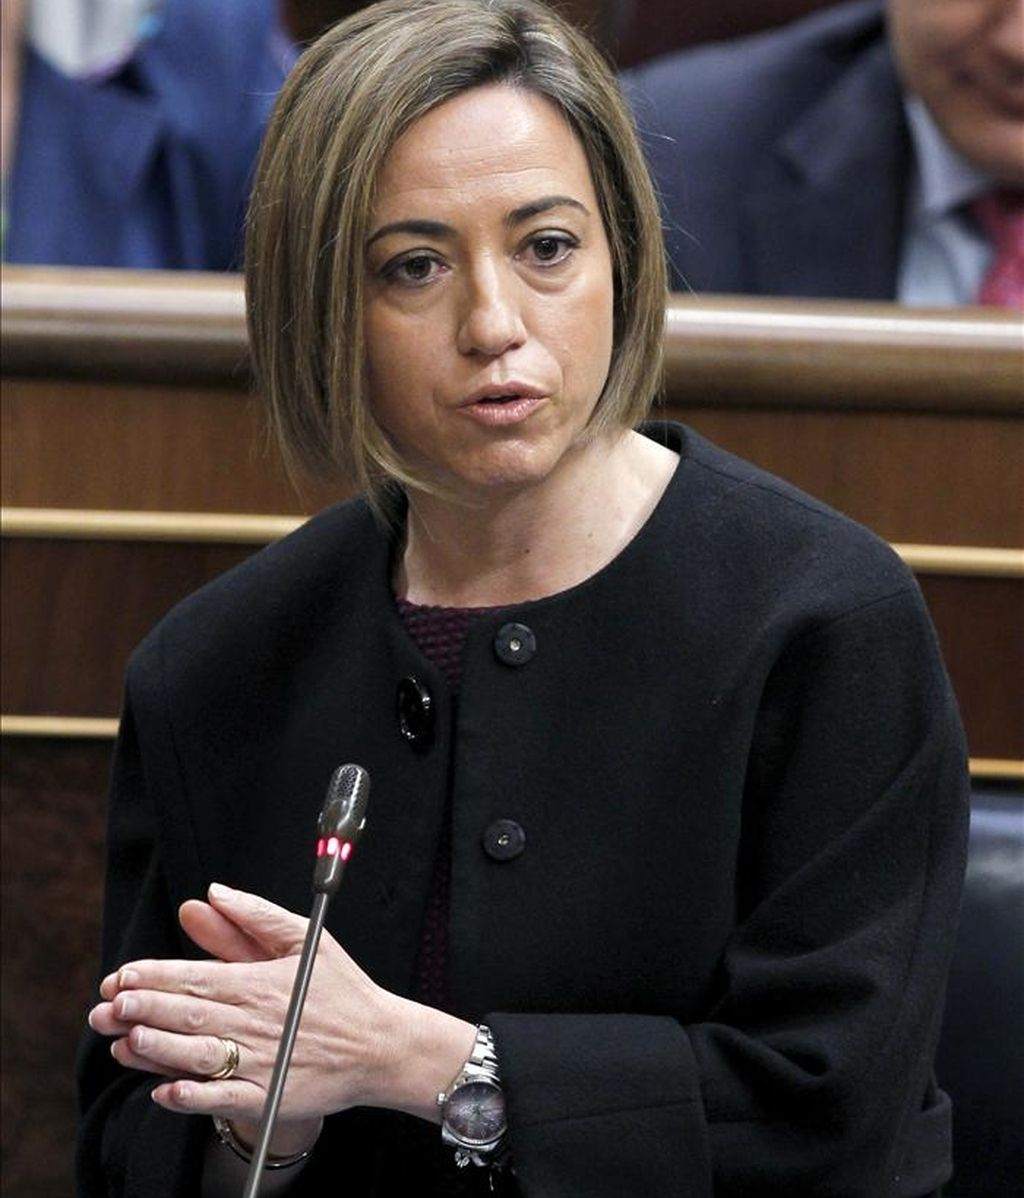 La ministra de Defensa, Carme Chacón, durante una de sus intervenciones en la sesión de control al Gobierno del pleno del Congreso de hoy. EFE